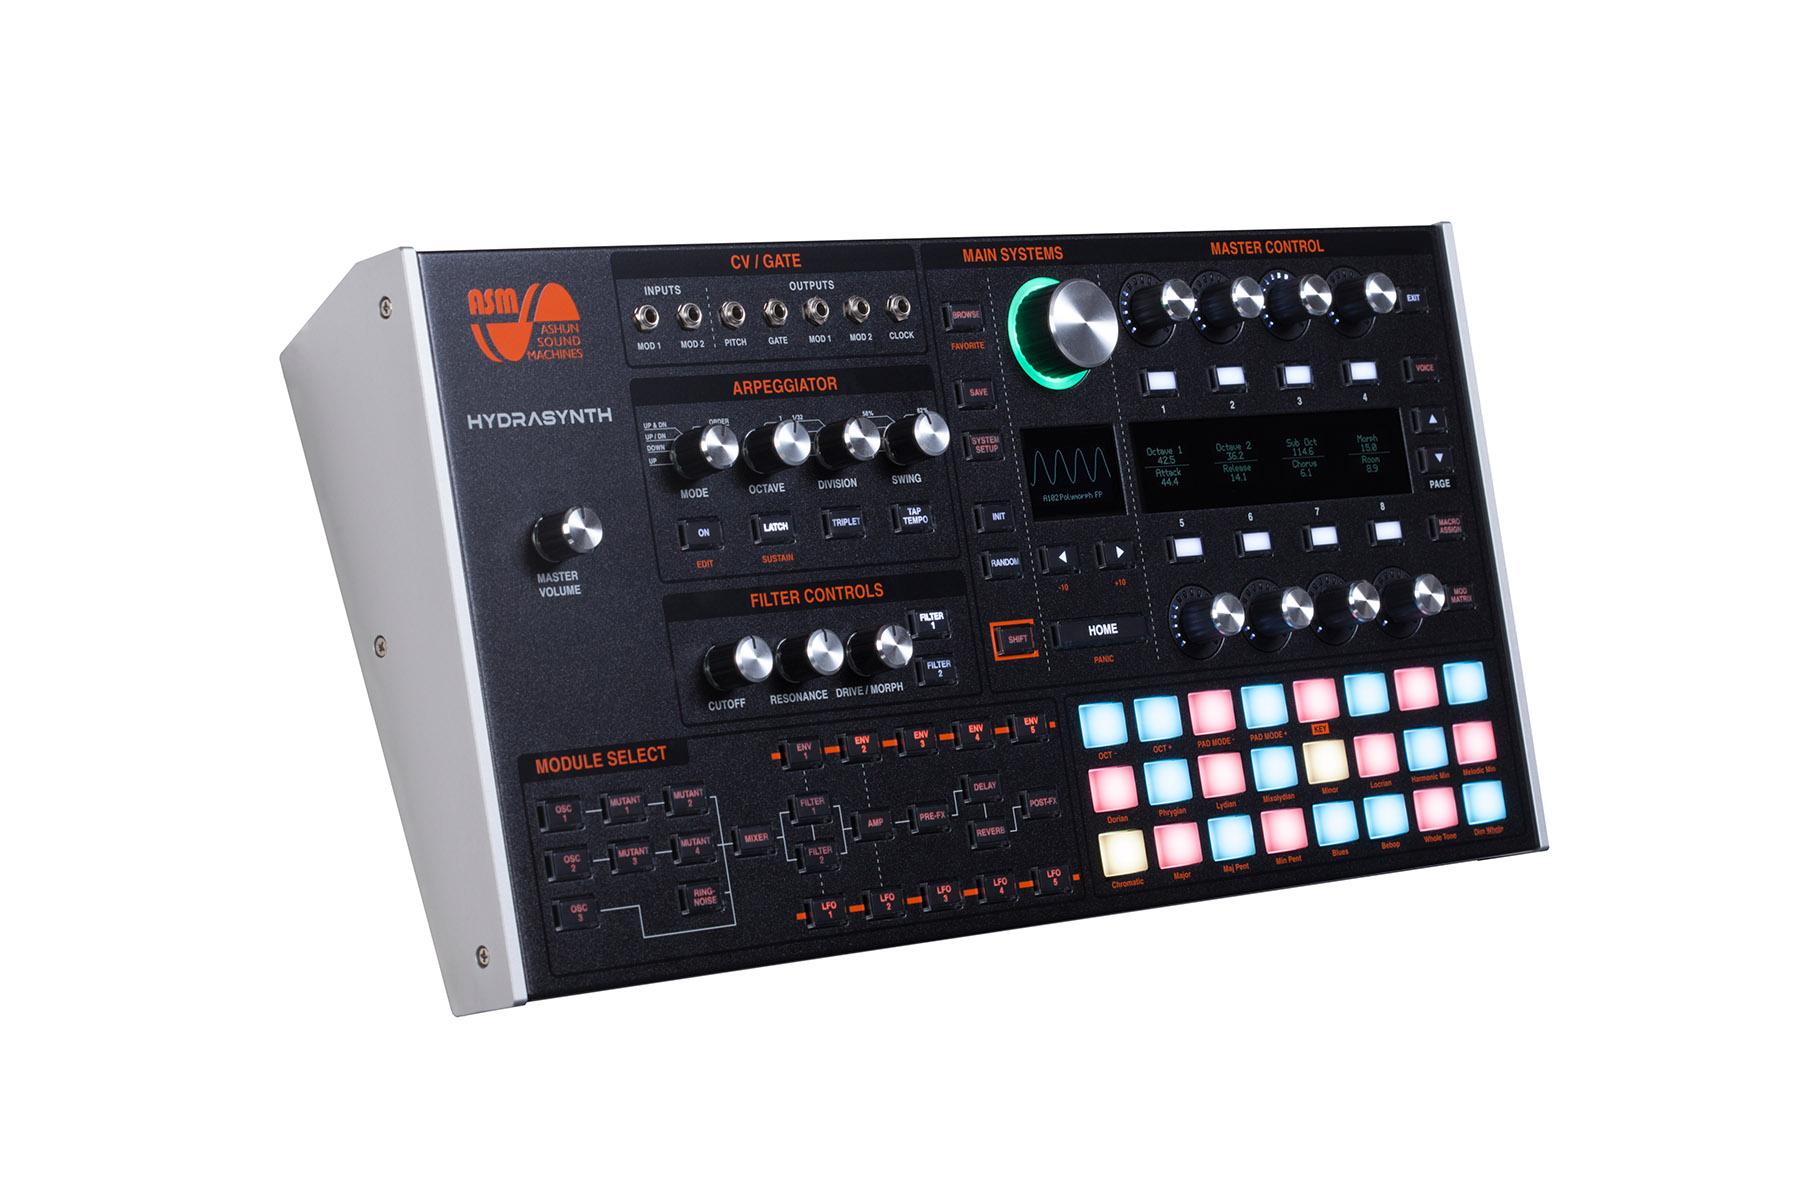 Ashun Sound Machines stellt sein erstes Produkt Hydrasynth vor